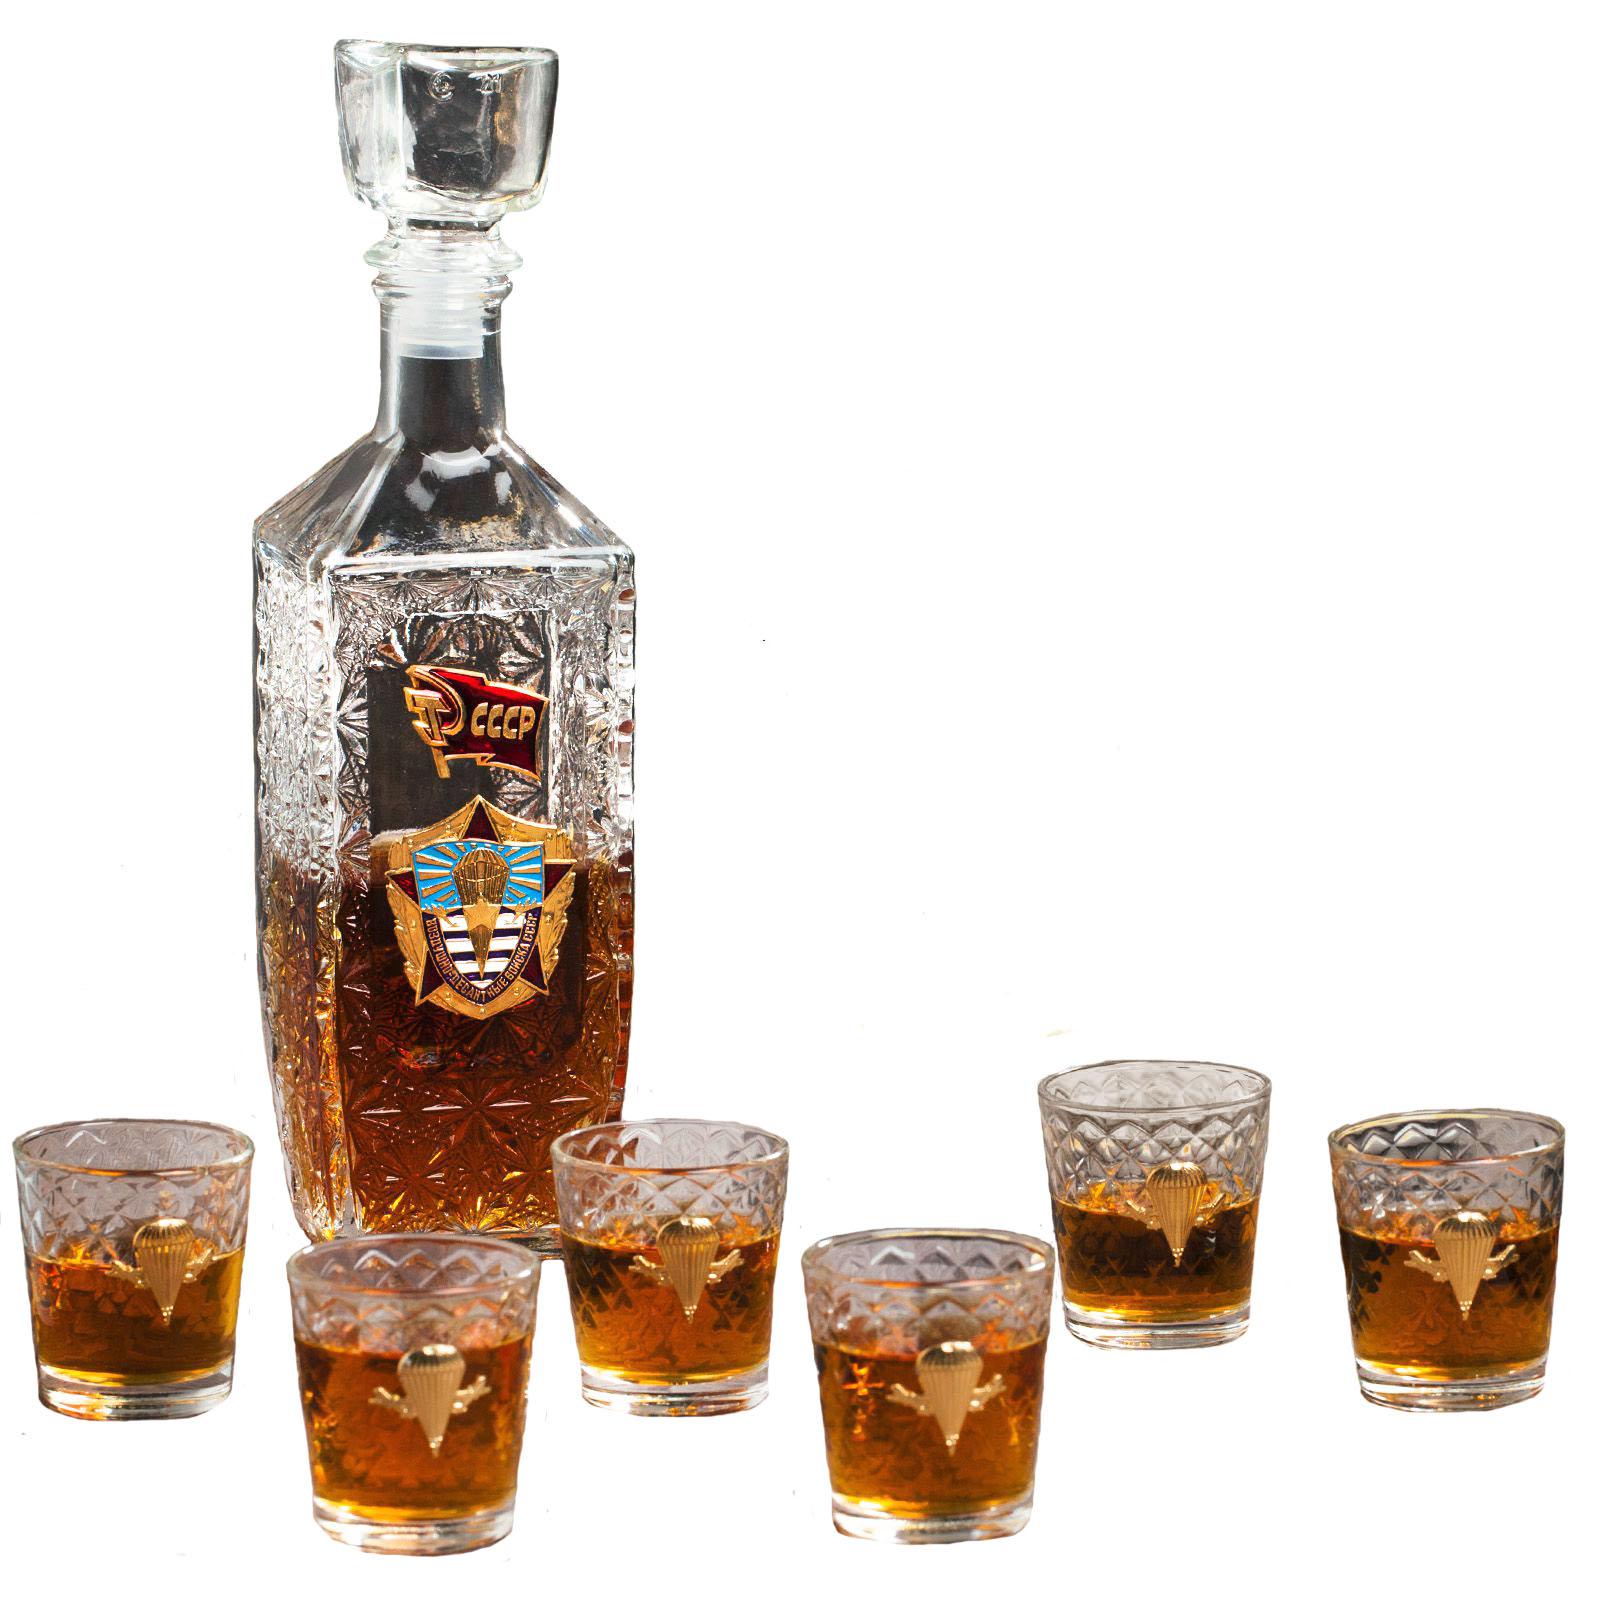 Купить наборы для алкоголя в Александрове